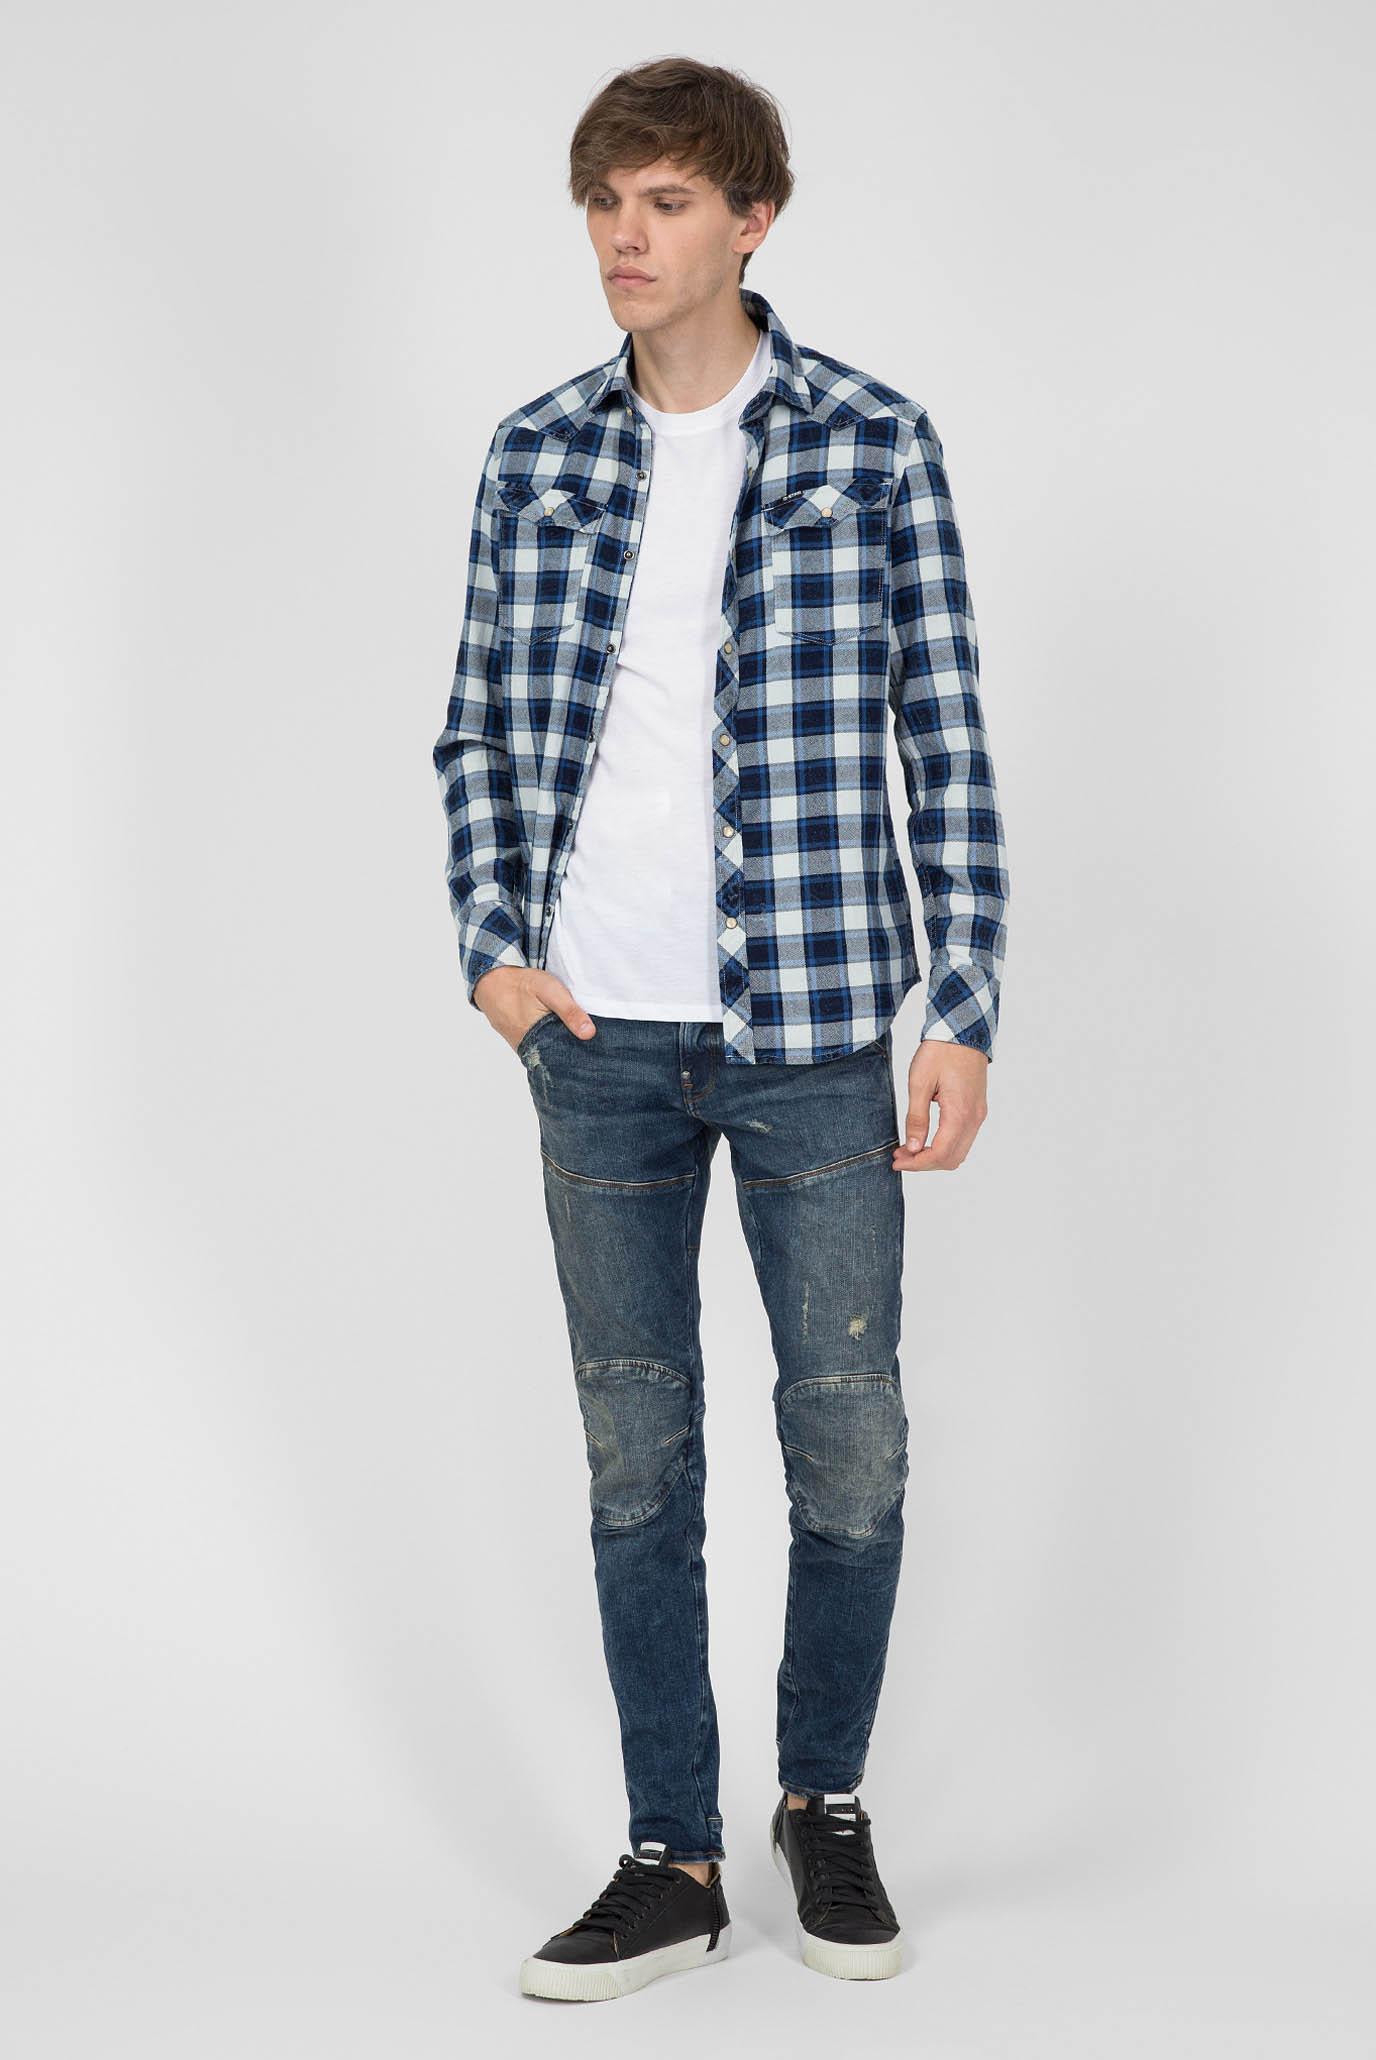 Купить Мужские синие джинсы 5620 3D Skinny G-Star RAW G-Star RAW 51026,8968 – Киев, Украина. Цены в интернет магазине MD Fashion